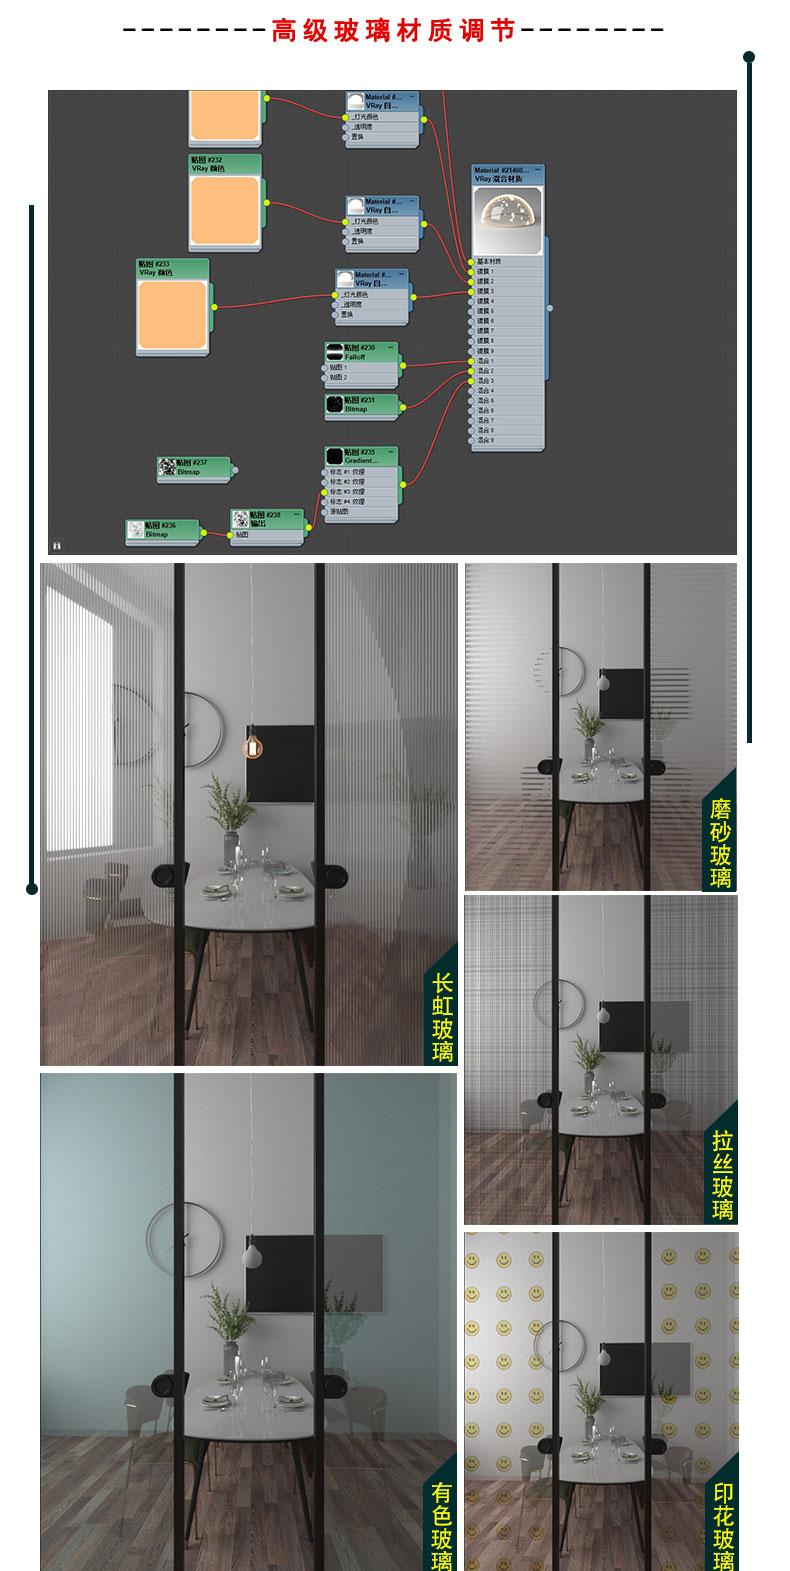 VRay5.0写实渲染高级视频教程